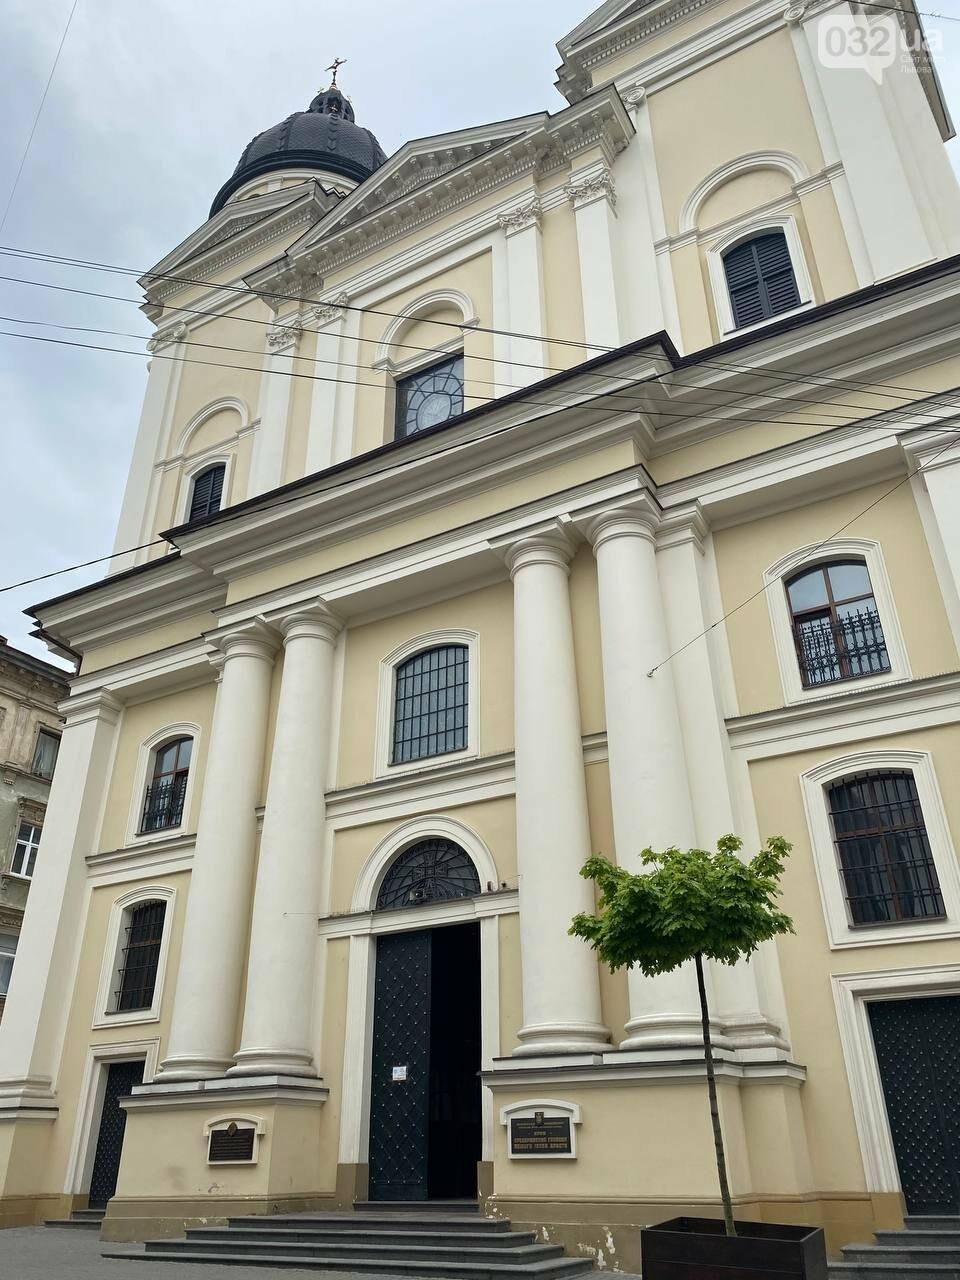 Преображенська церква, Фото: 032.ua